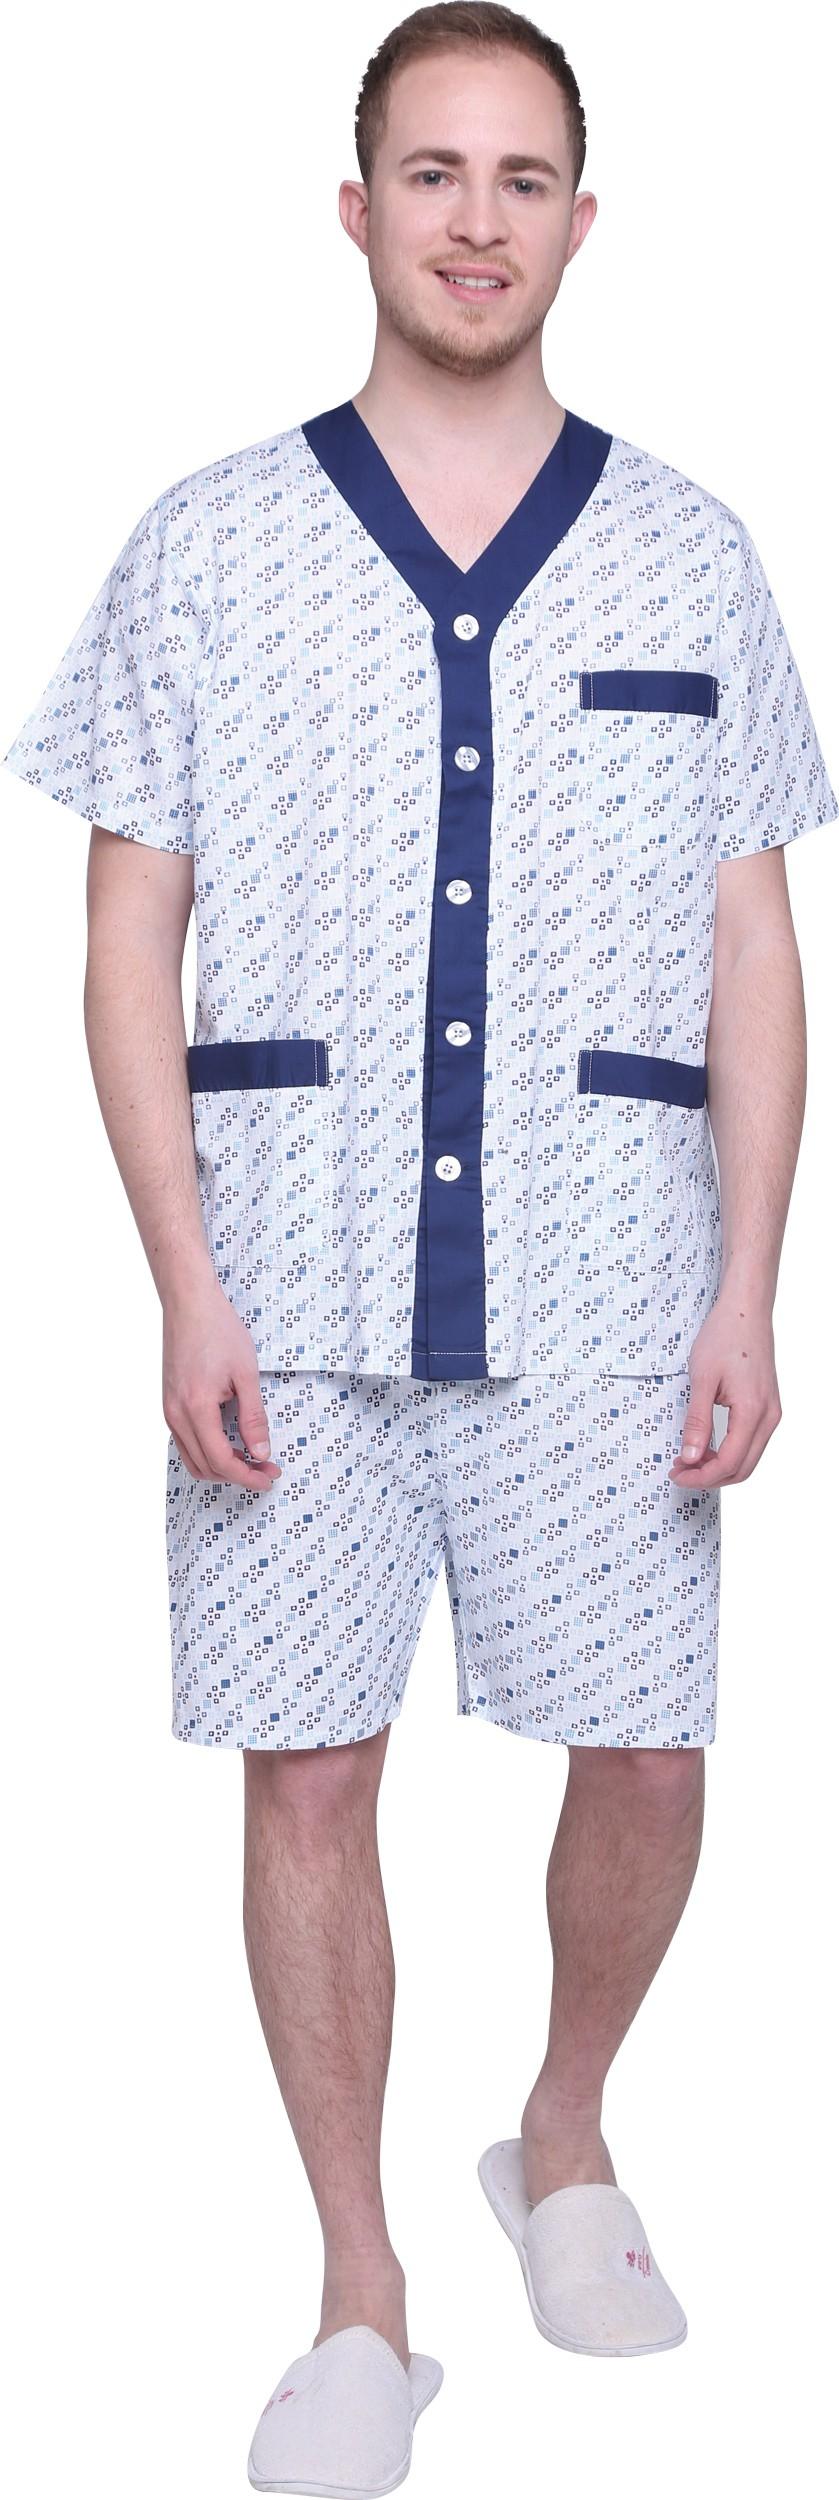 פיג'מה לגבר 100% כותנה 12A844 - מכנס קצר שרוול קצר